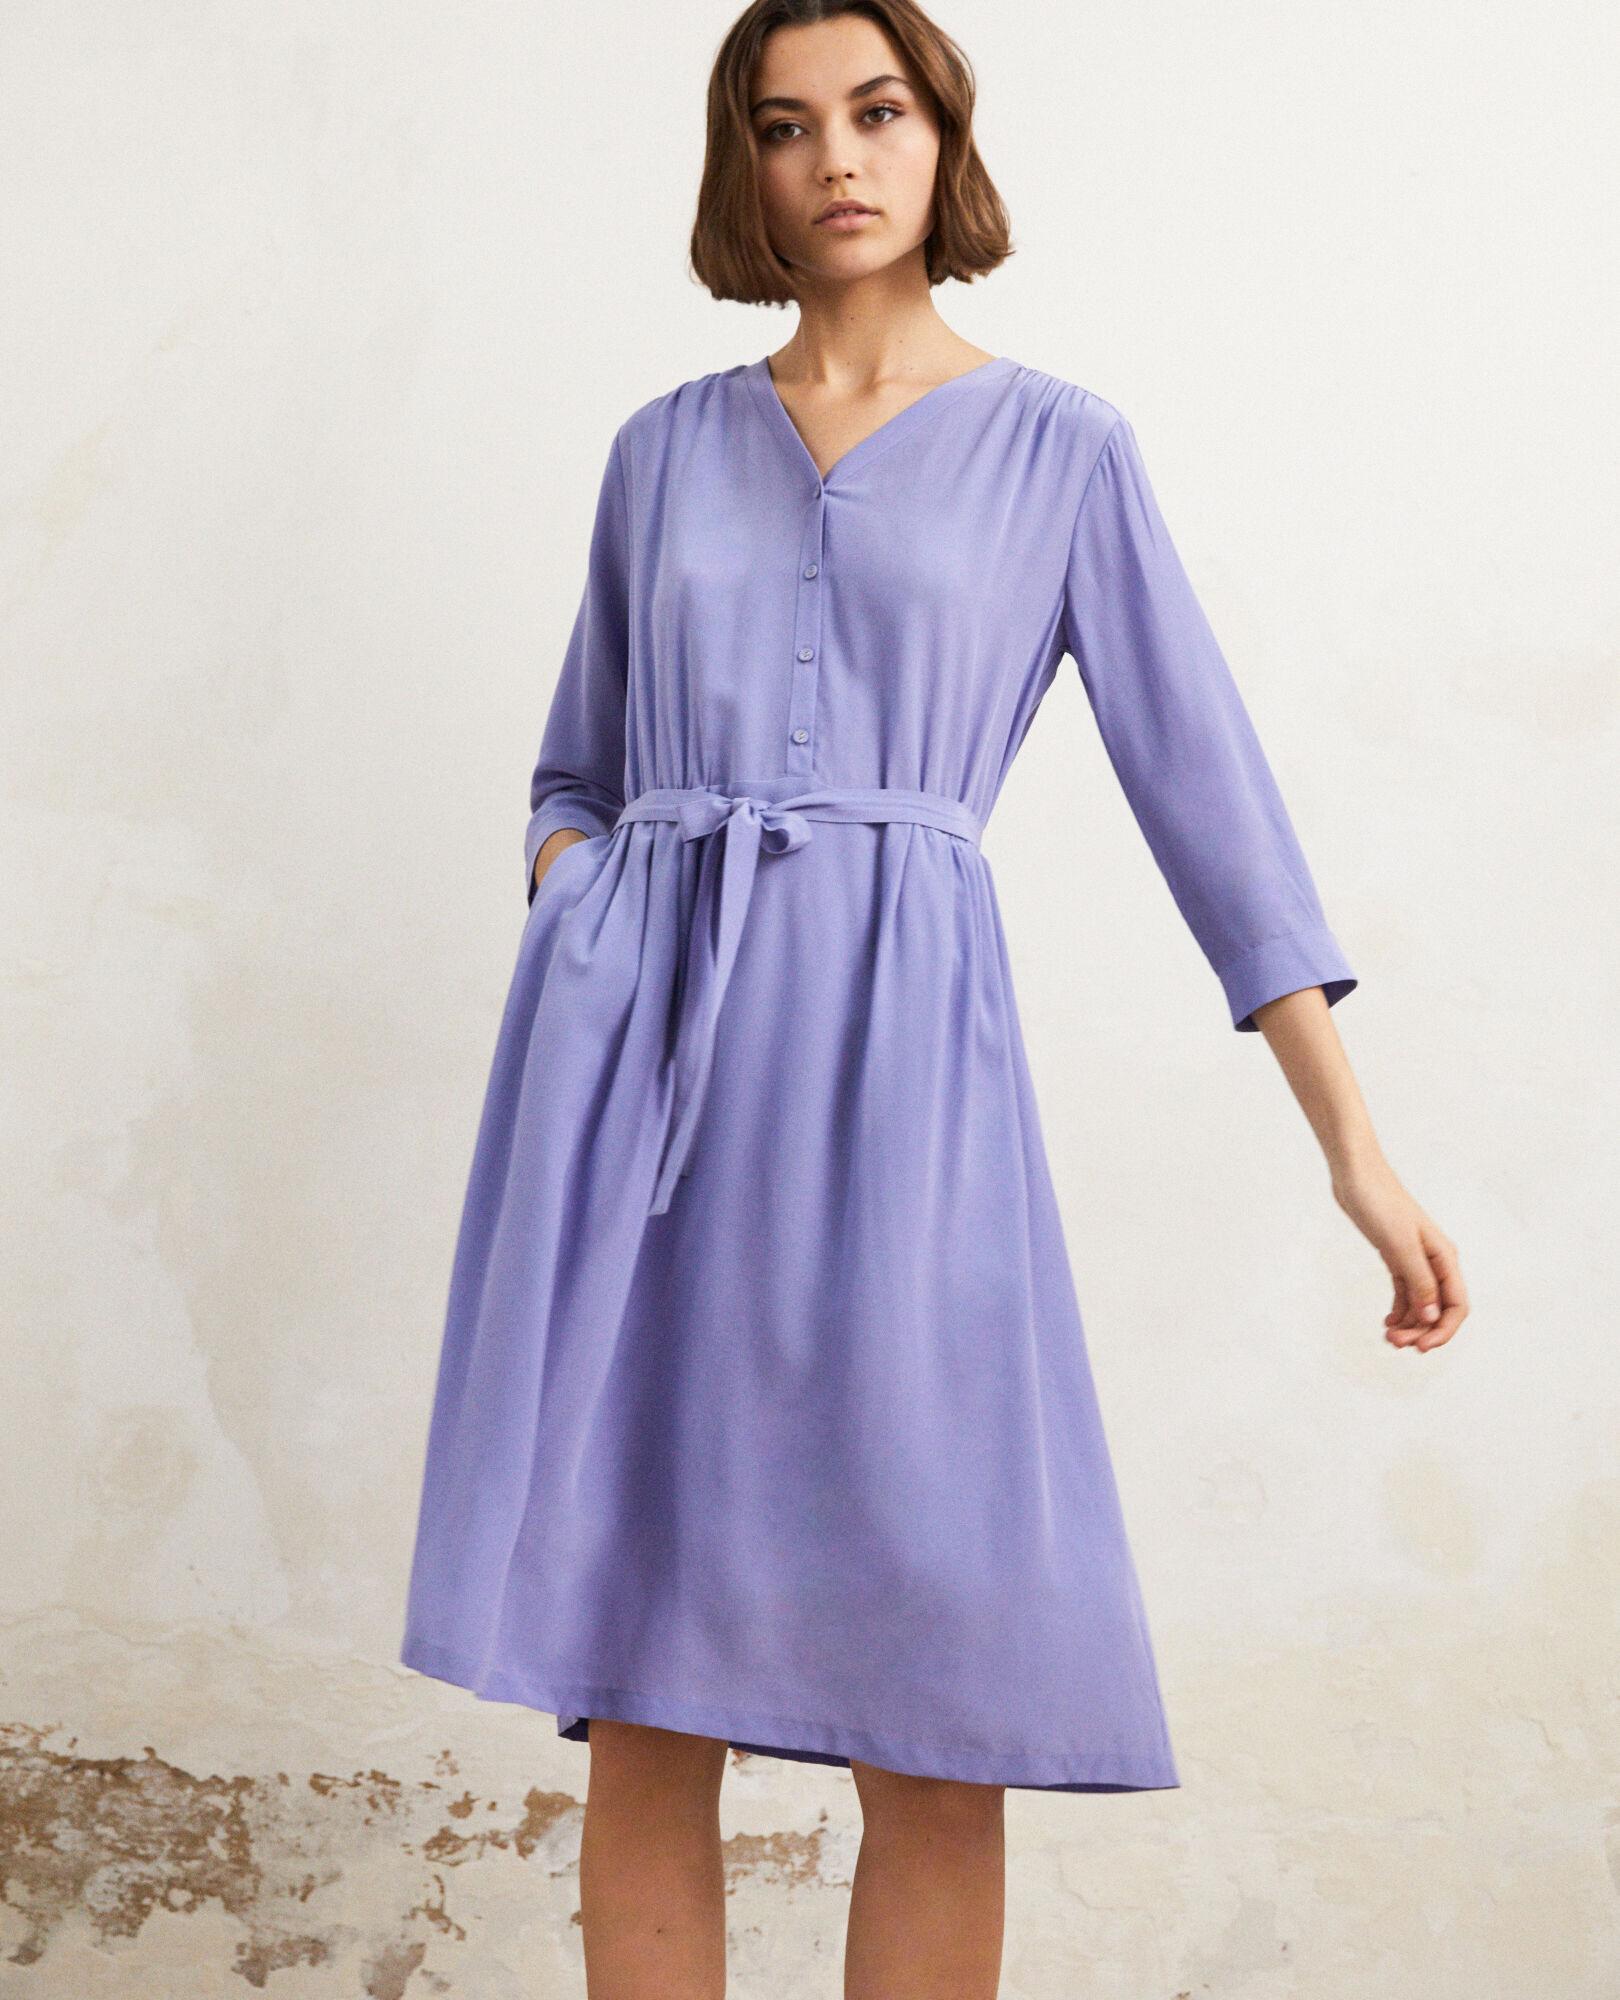 Robe Idalie Violet Soie Des La Longueur Comptoir Midi Avec ZCOqrZw